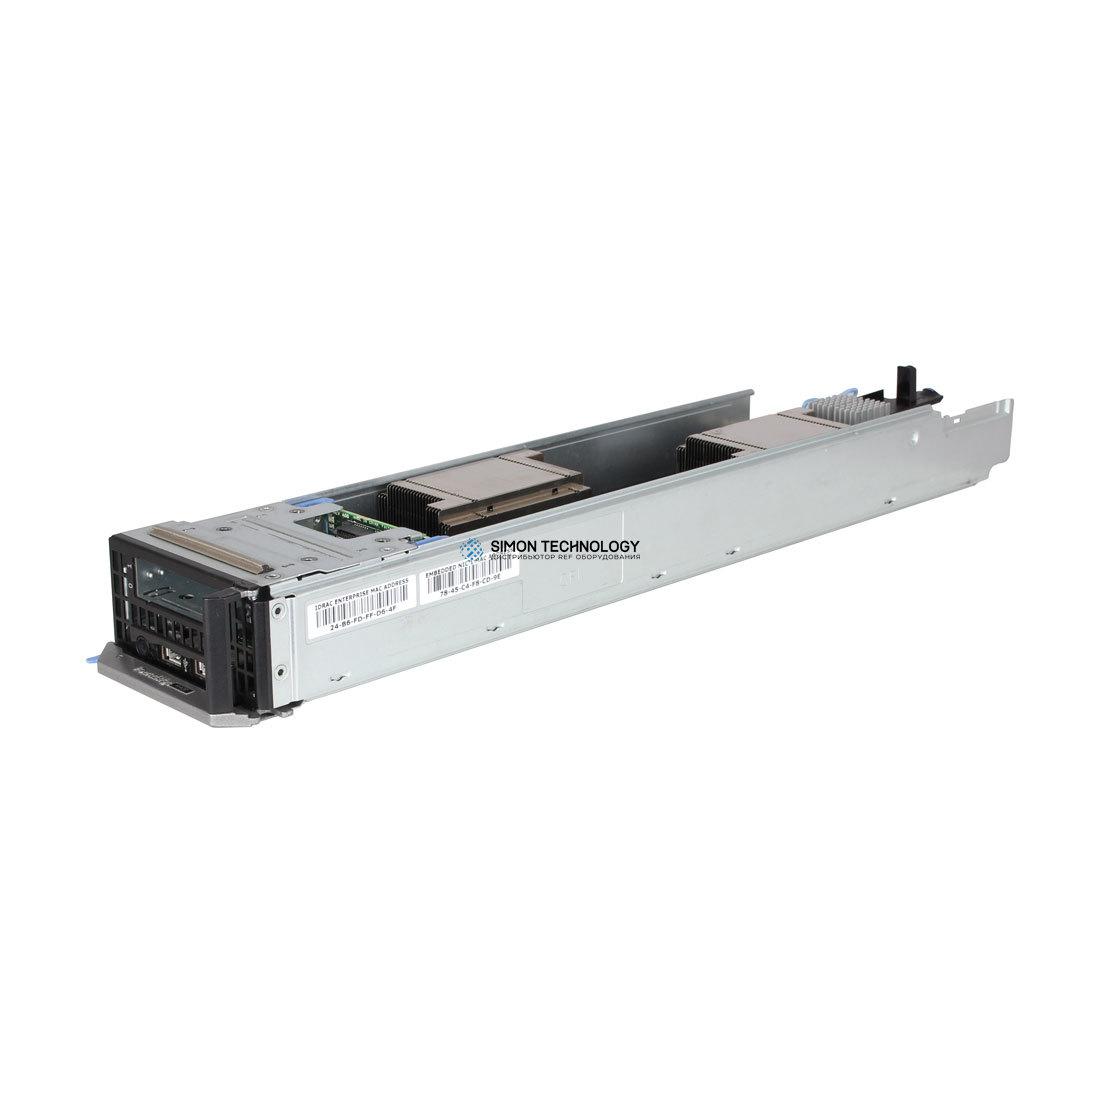 Сервер Dell PEM420 E5-2450 1P 32GB PERC H310 MINI 8 SFF 1X PSU (M420-E5-2450)